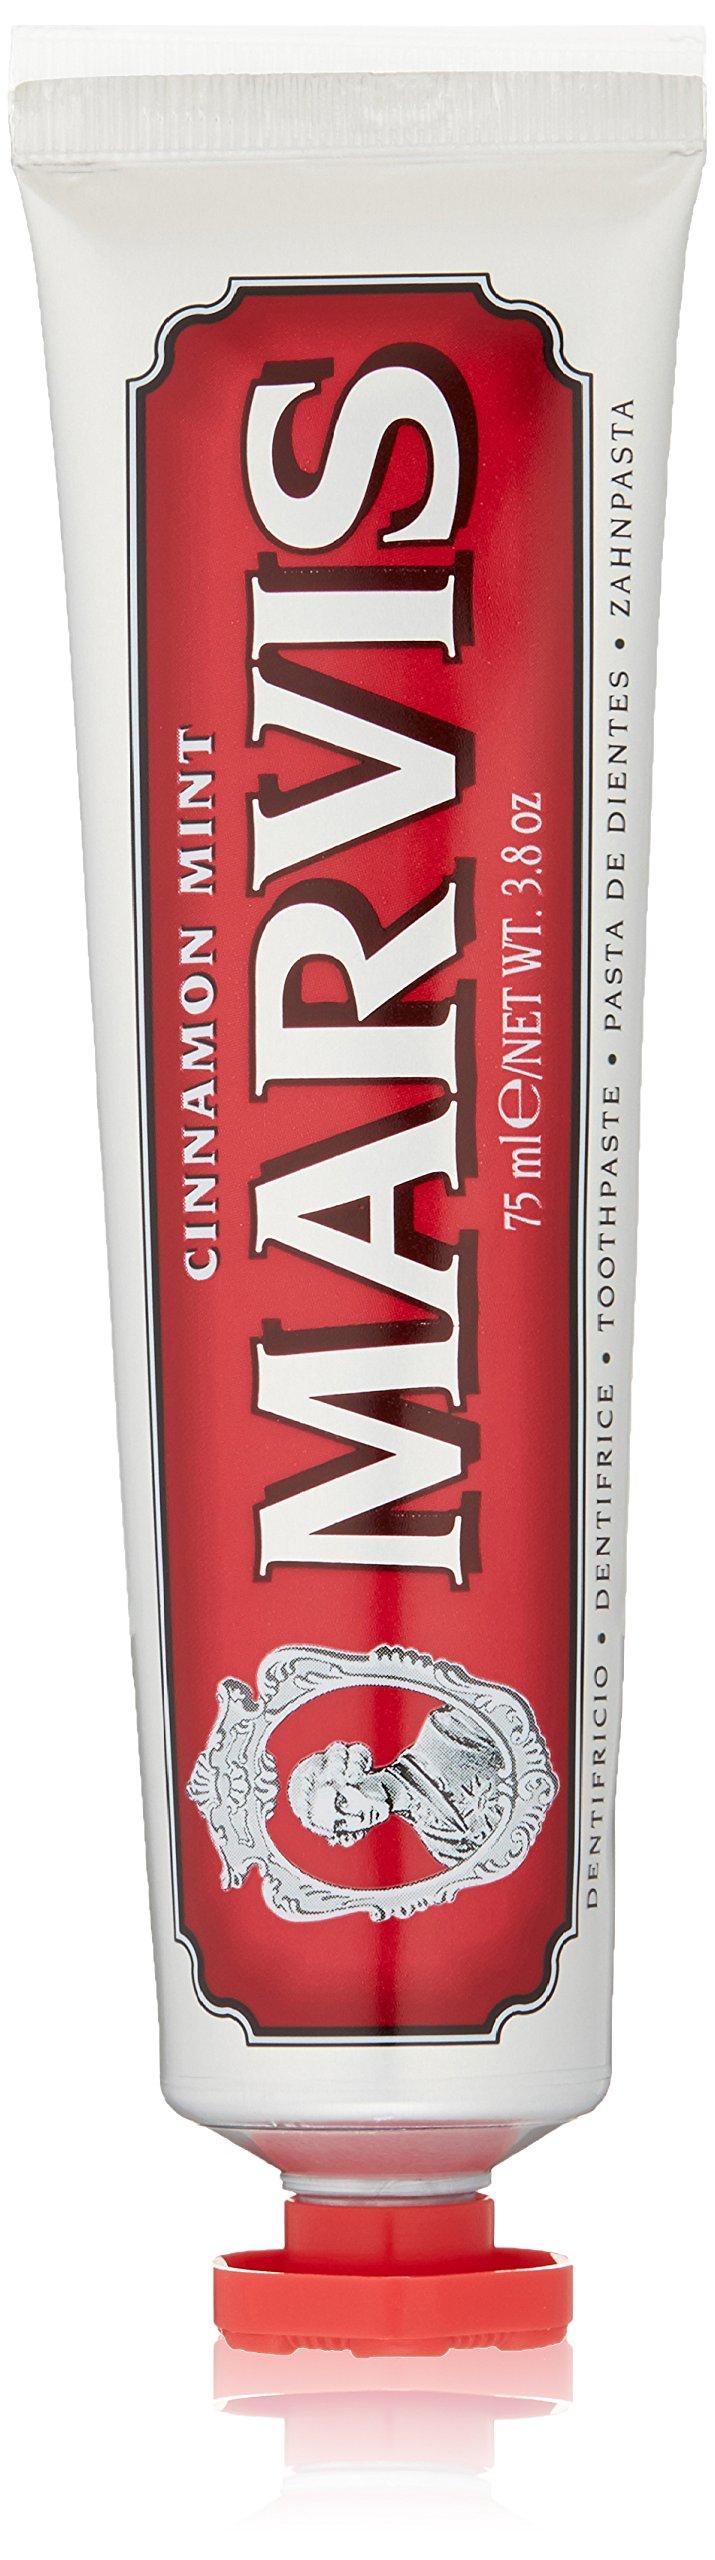 Marvis Cinnamon Mint Toothpaste, 3.8 oz